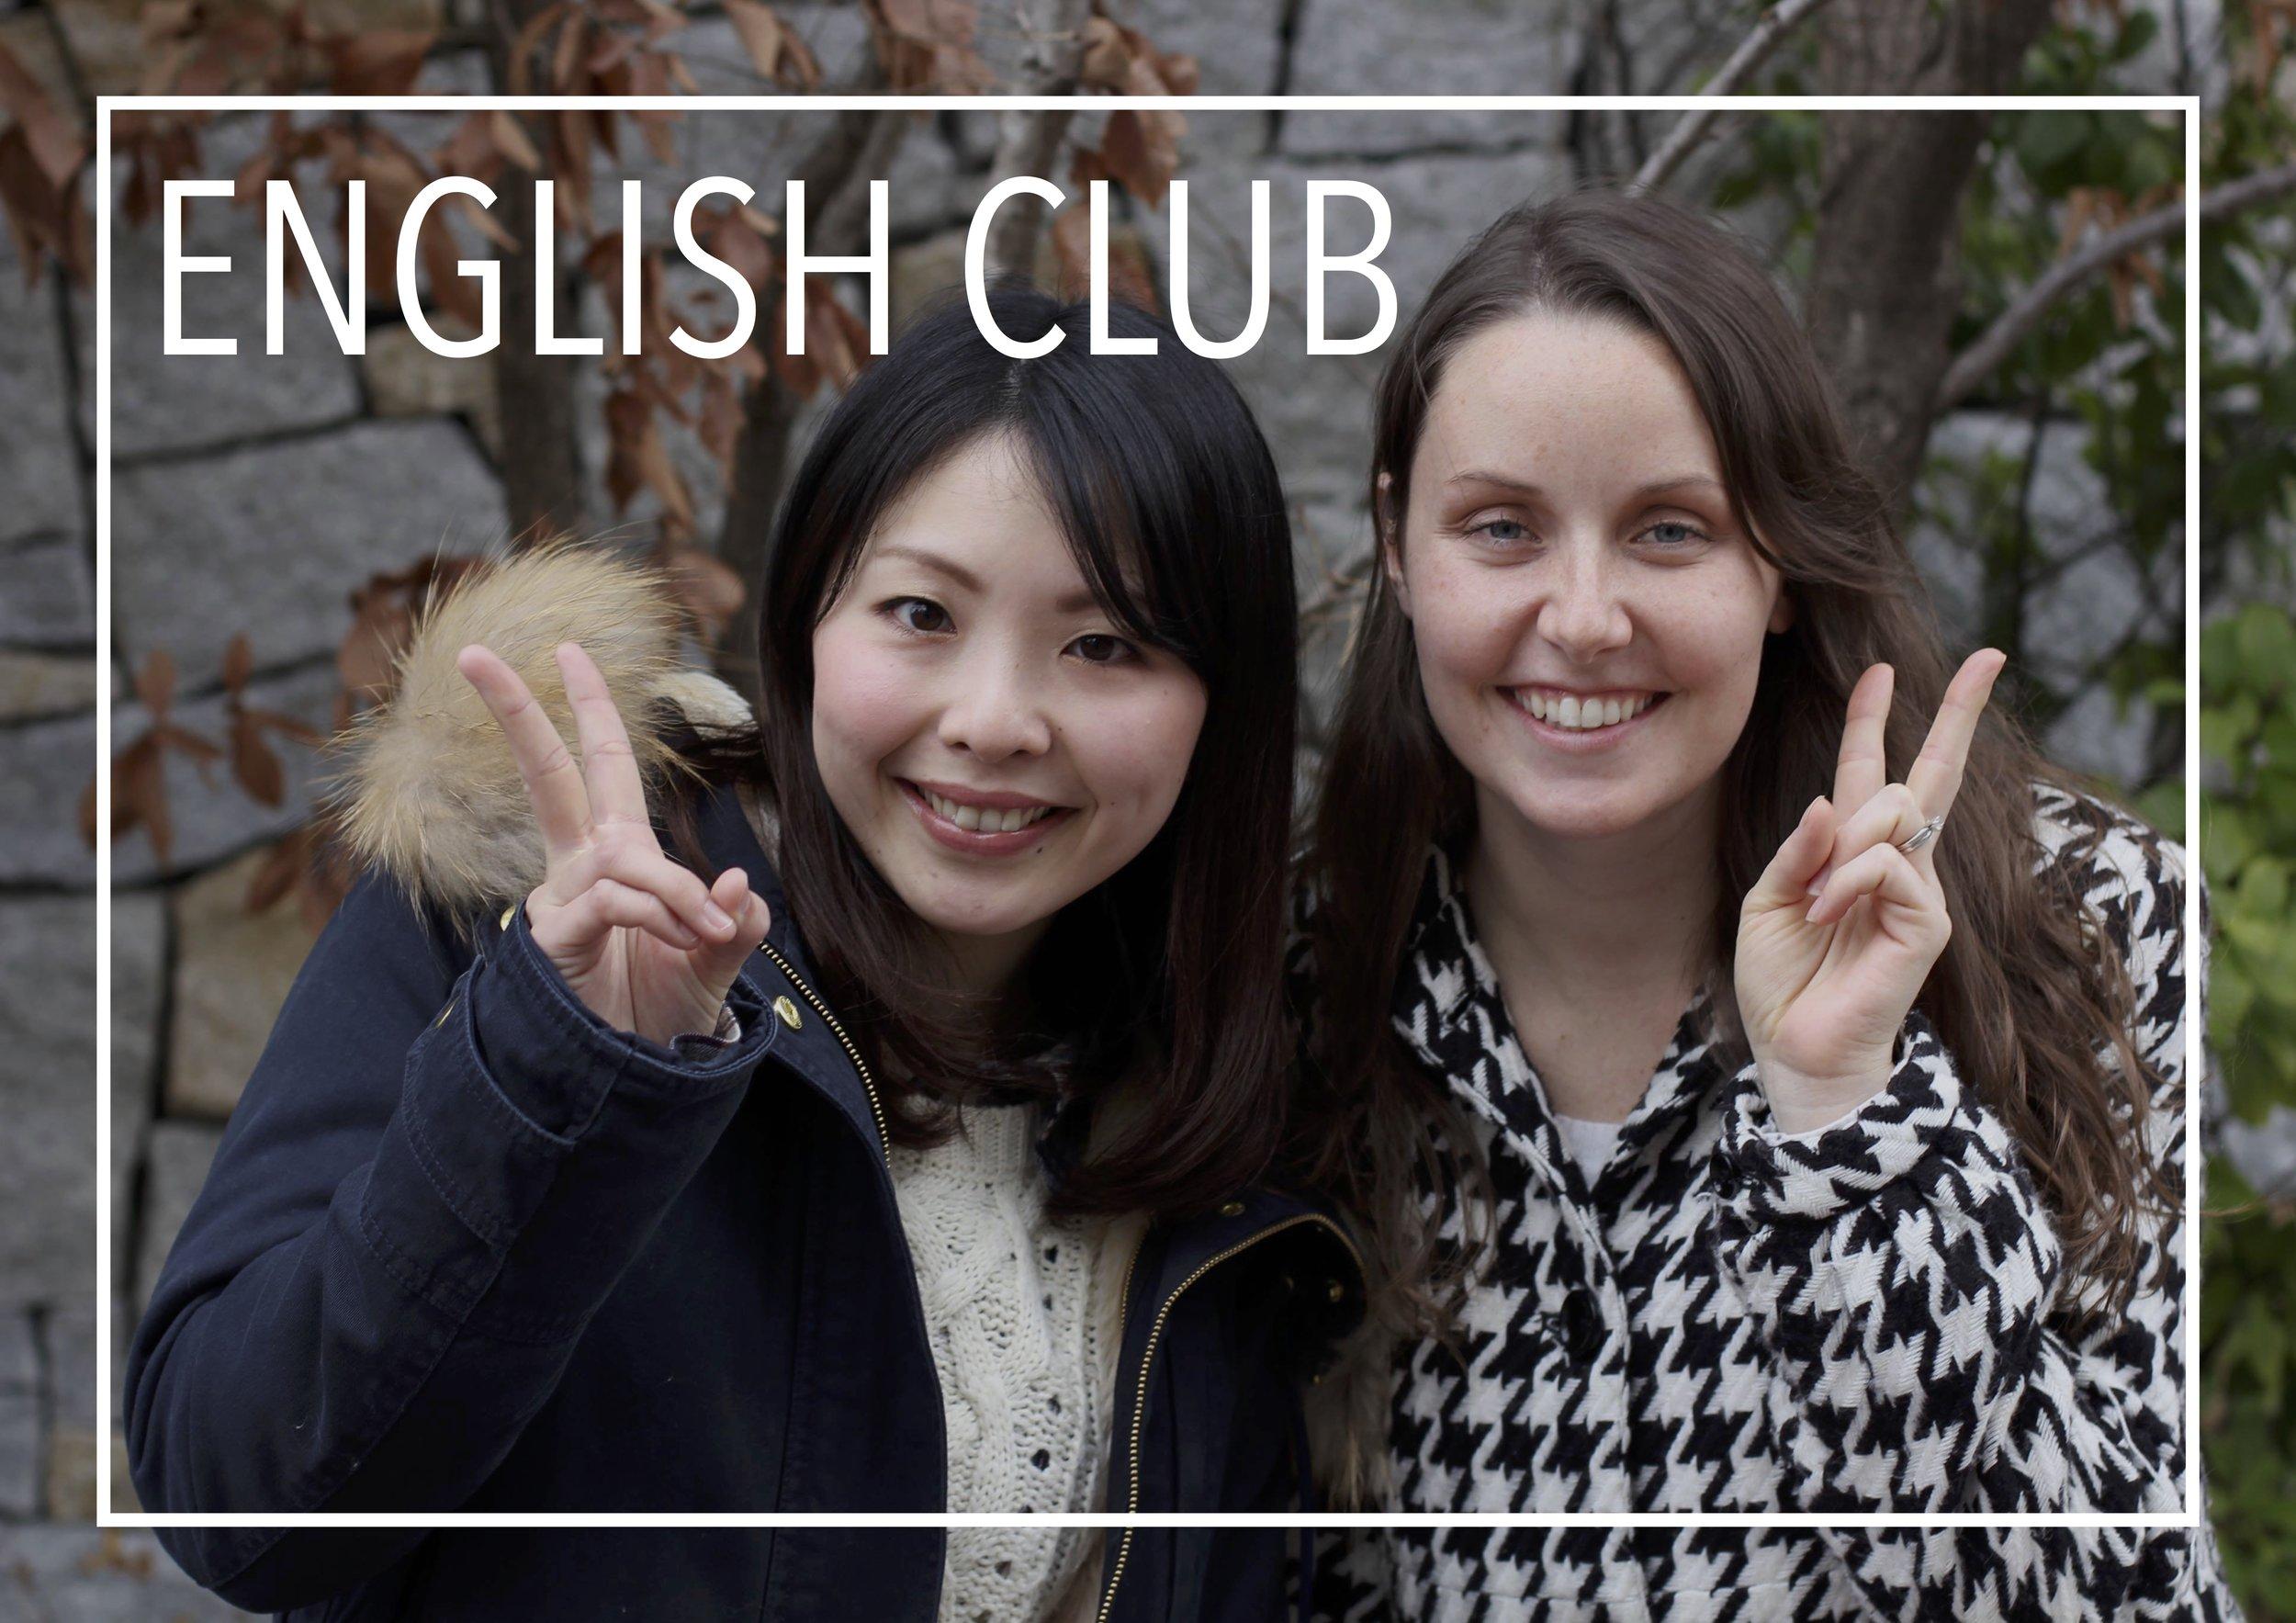 英会話クラブ   英語を学びましょう!楽しい英会話イベントです。ネイティブ・スピーカーもいるので、英語を練習する良い機会です。ゲームを通して英語を自然に学びます。どなたでも大歓迎です!ぜひ遊びに来てください !